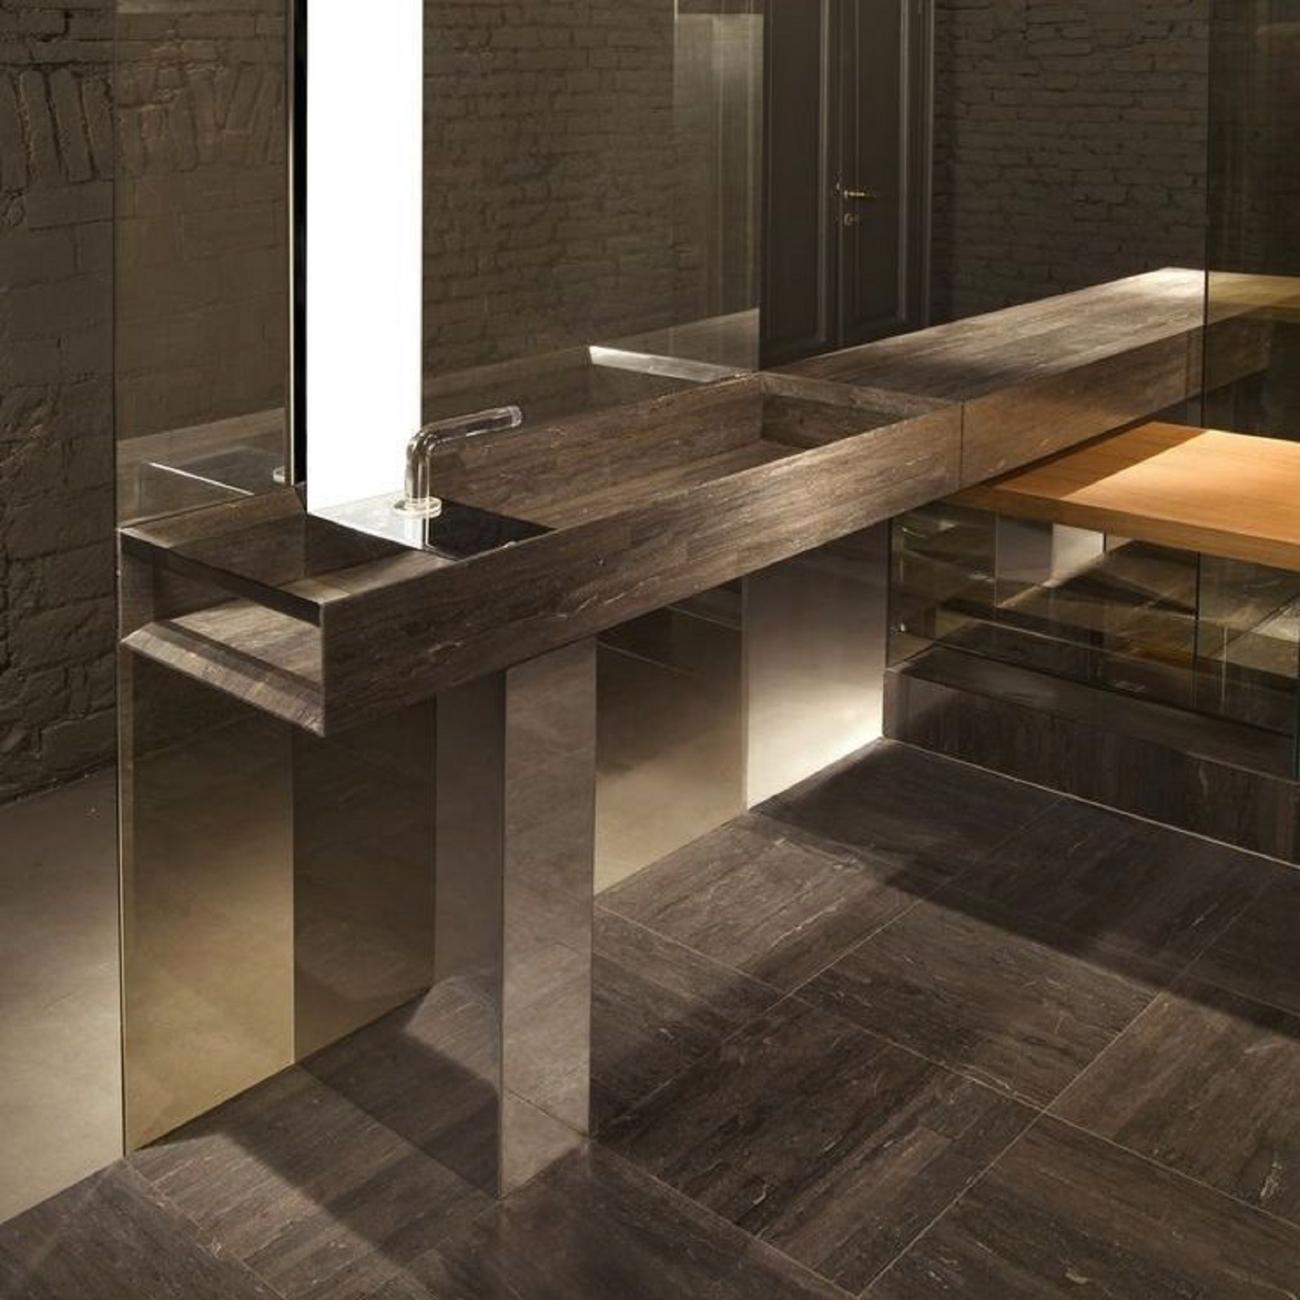 Lavabo A Colonna Design salvatori onsen lavabo a colonna - tattahome